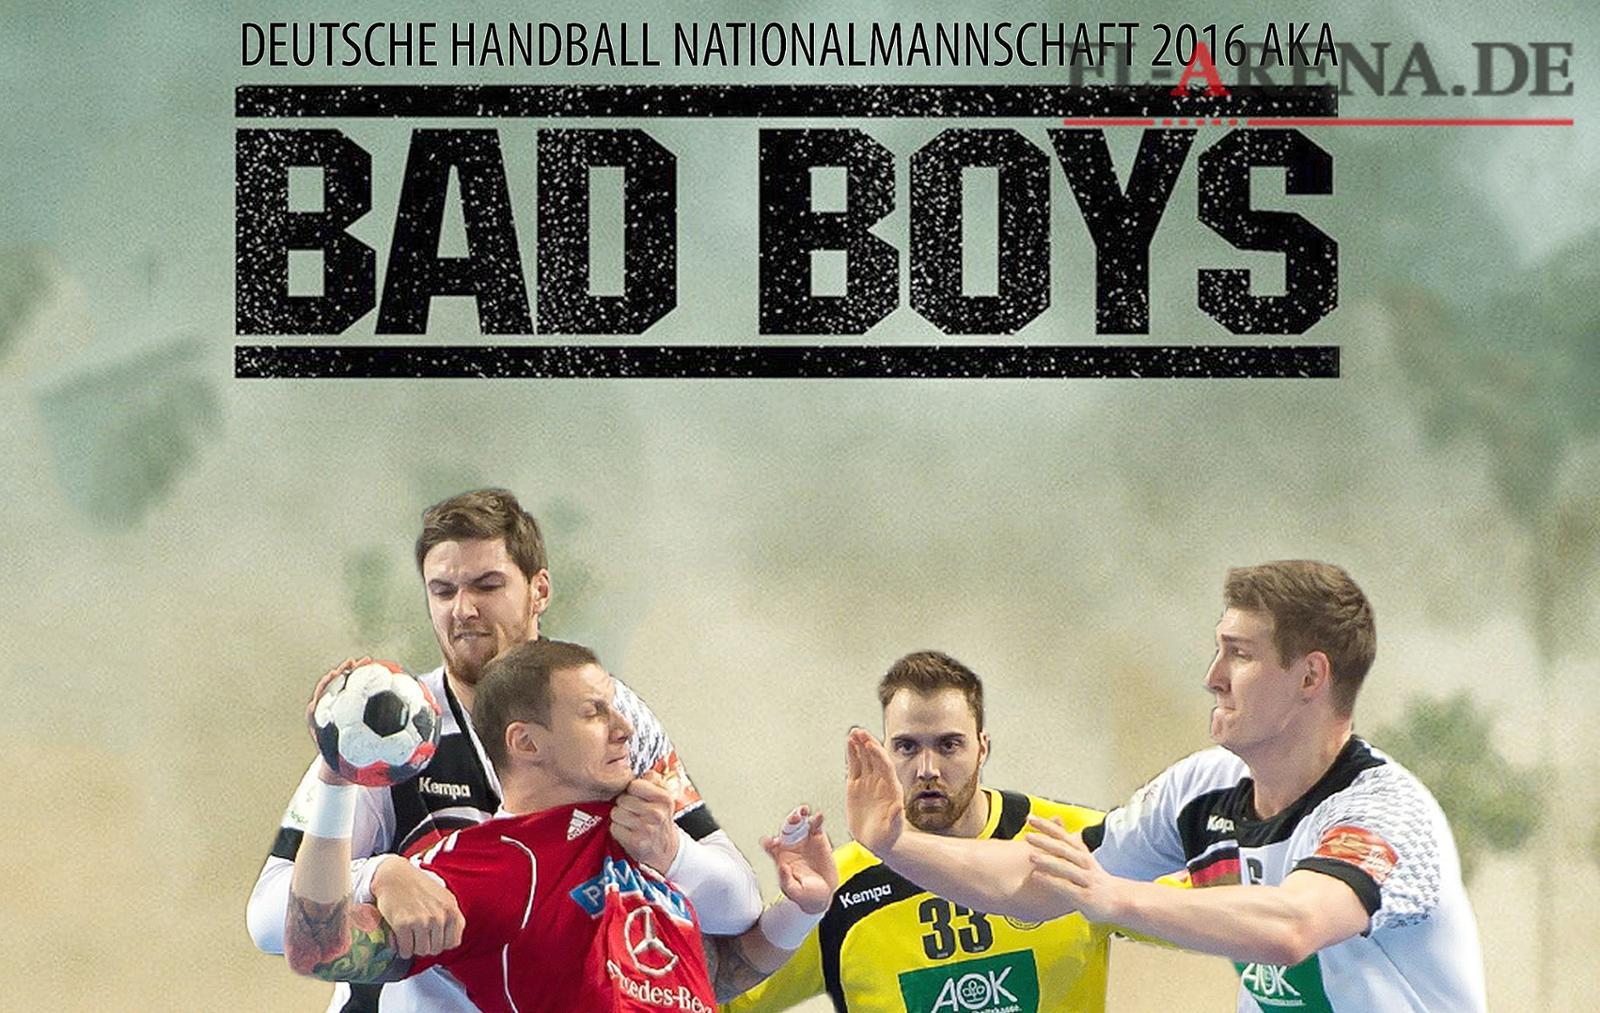 Schlachtruf Handball Nationalmannschaft